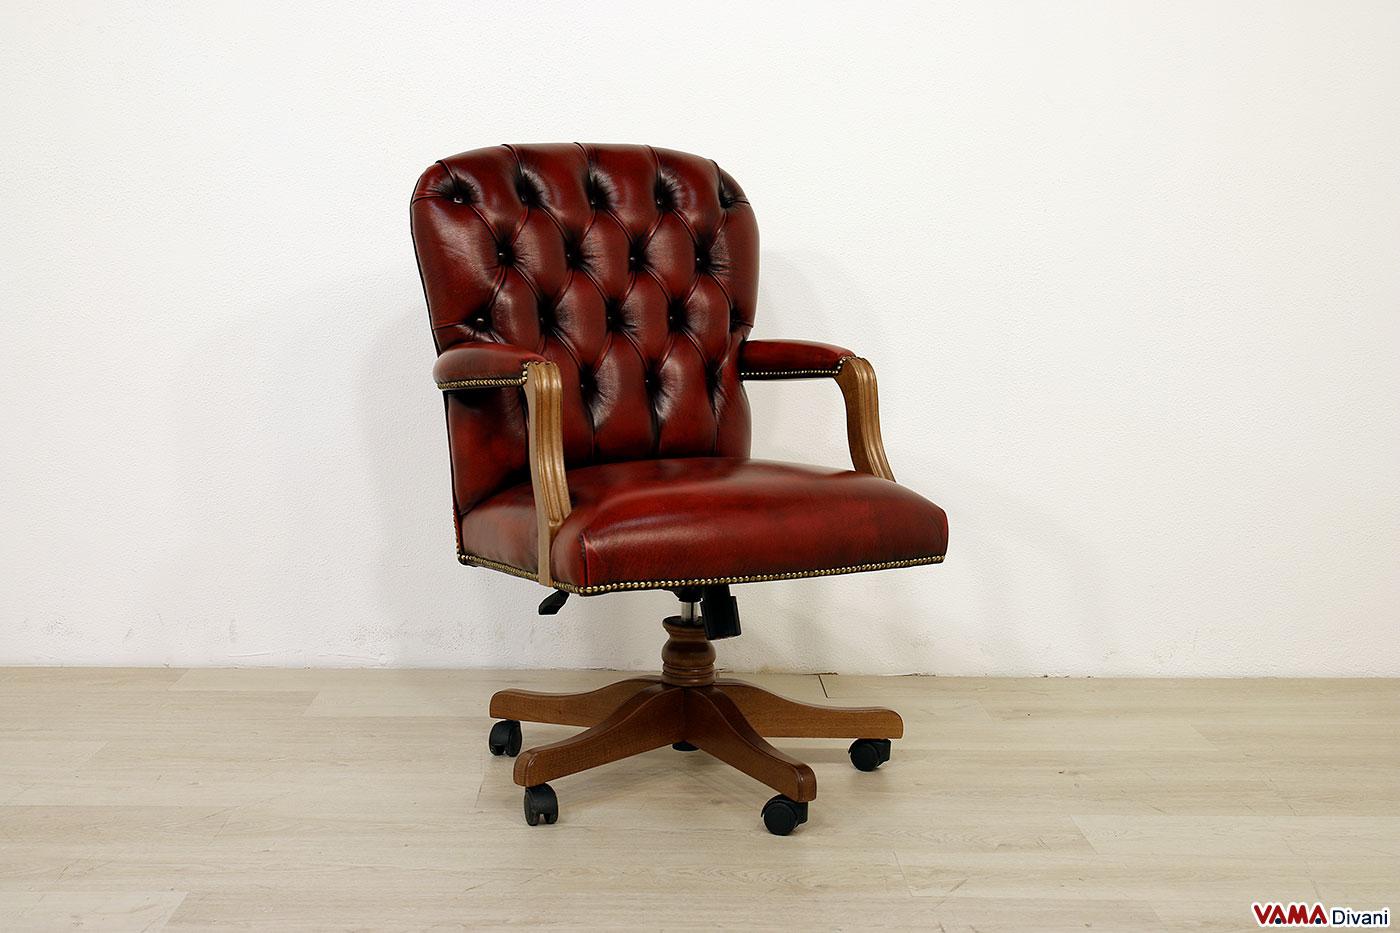 Poltrona Ufficio Elegante : Poltrona da ufficio piccola in pelle e legno con girevole